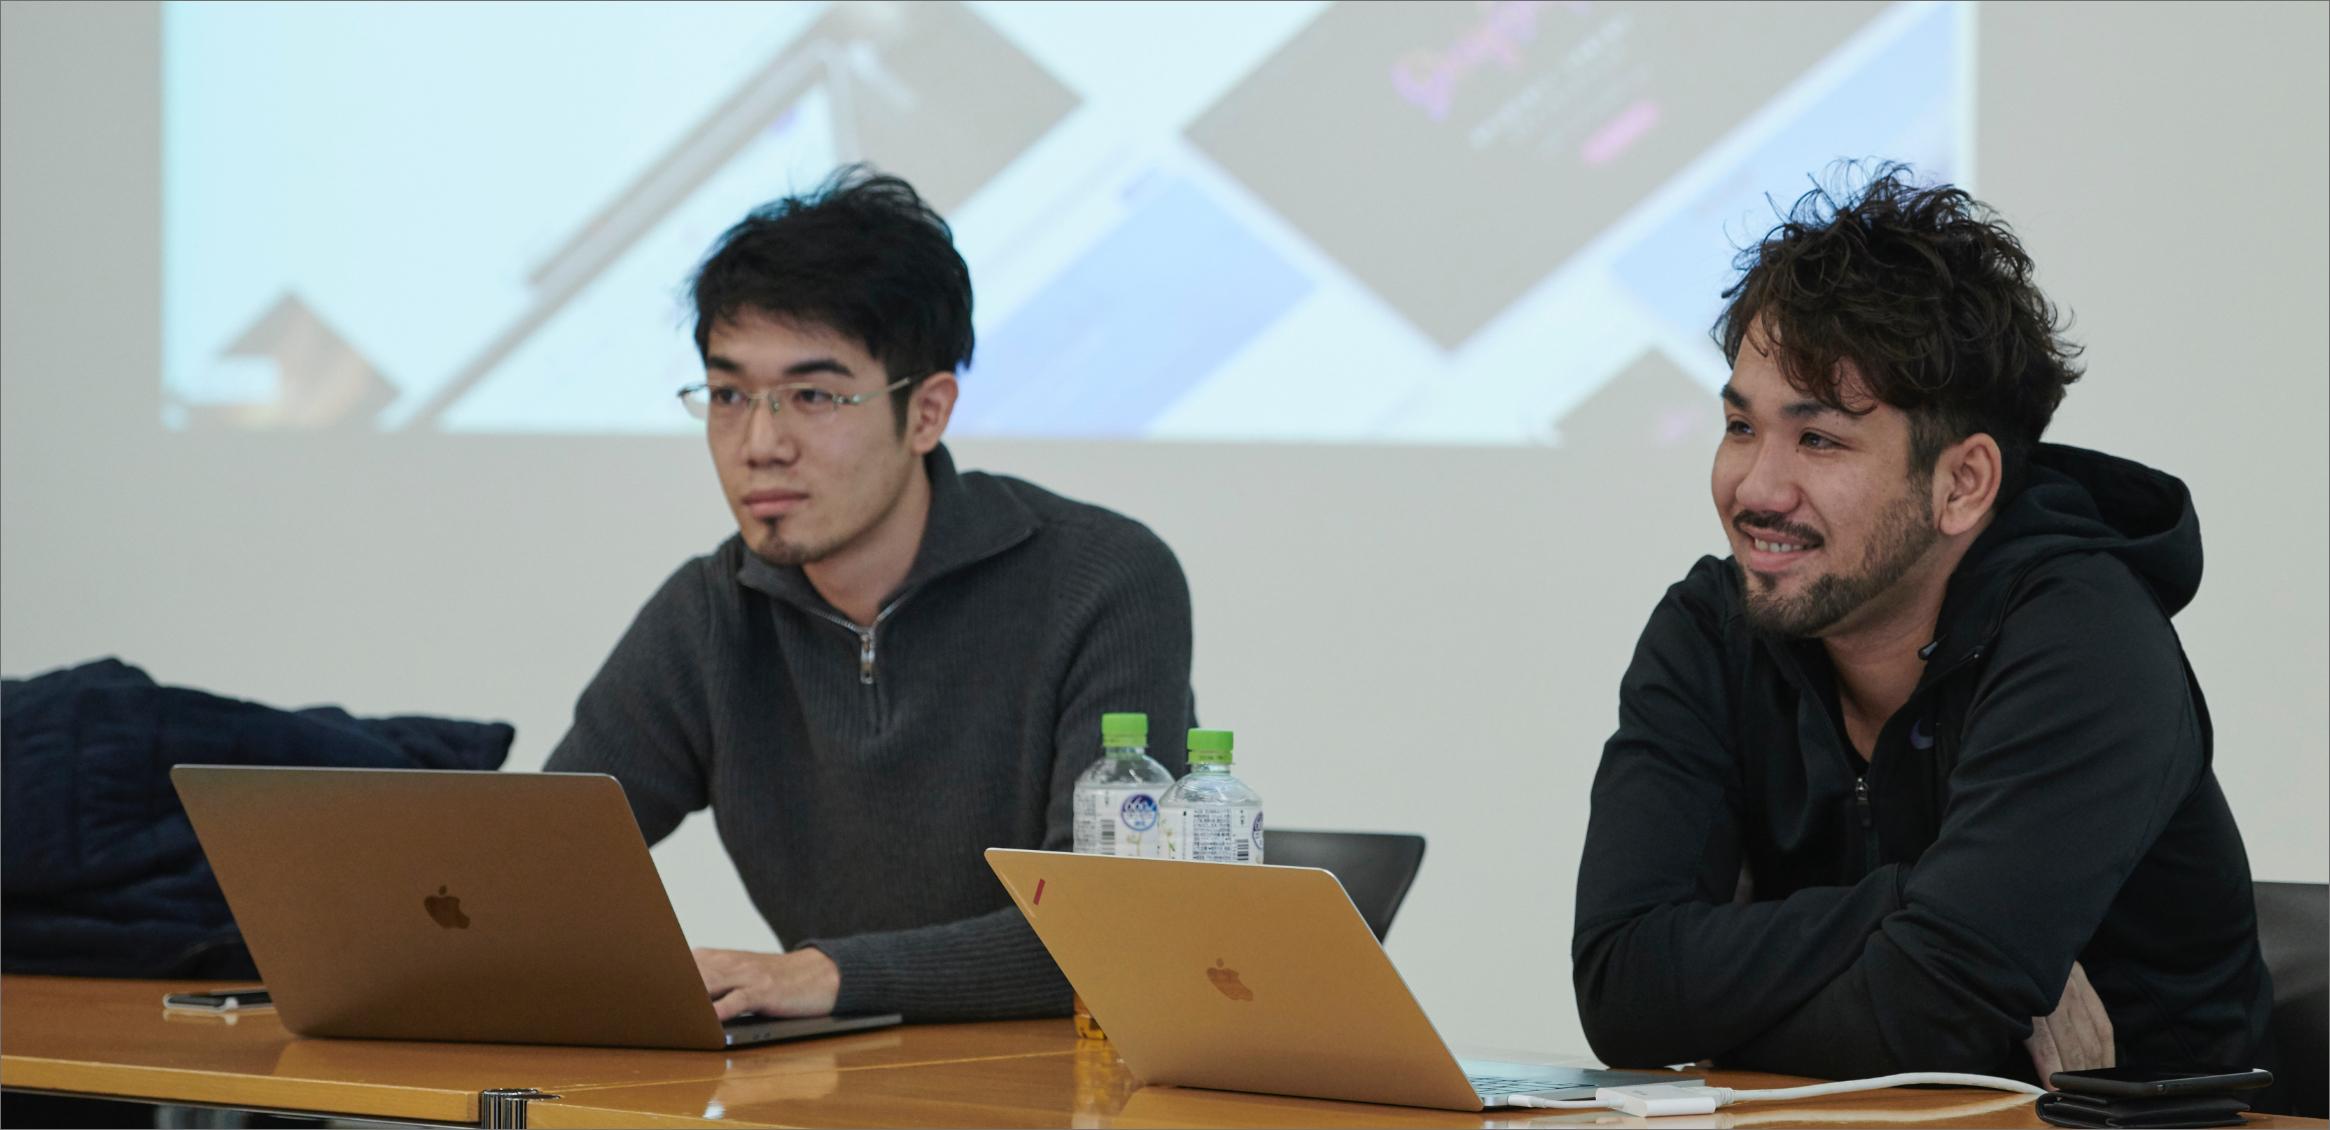 石井穣   STUDIO株式会社 CEO/Design Chief 甲斐啓真 STUDIO株式会社 CPO/Founder